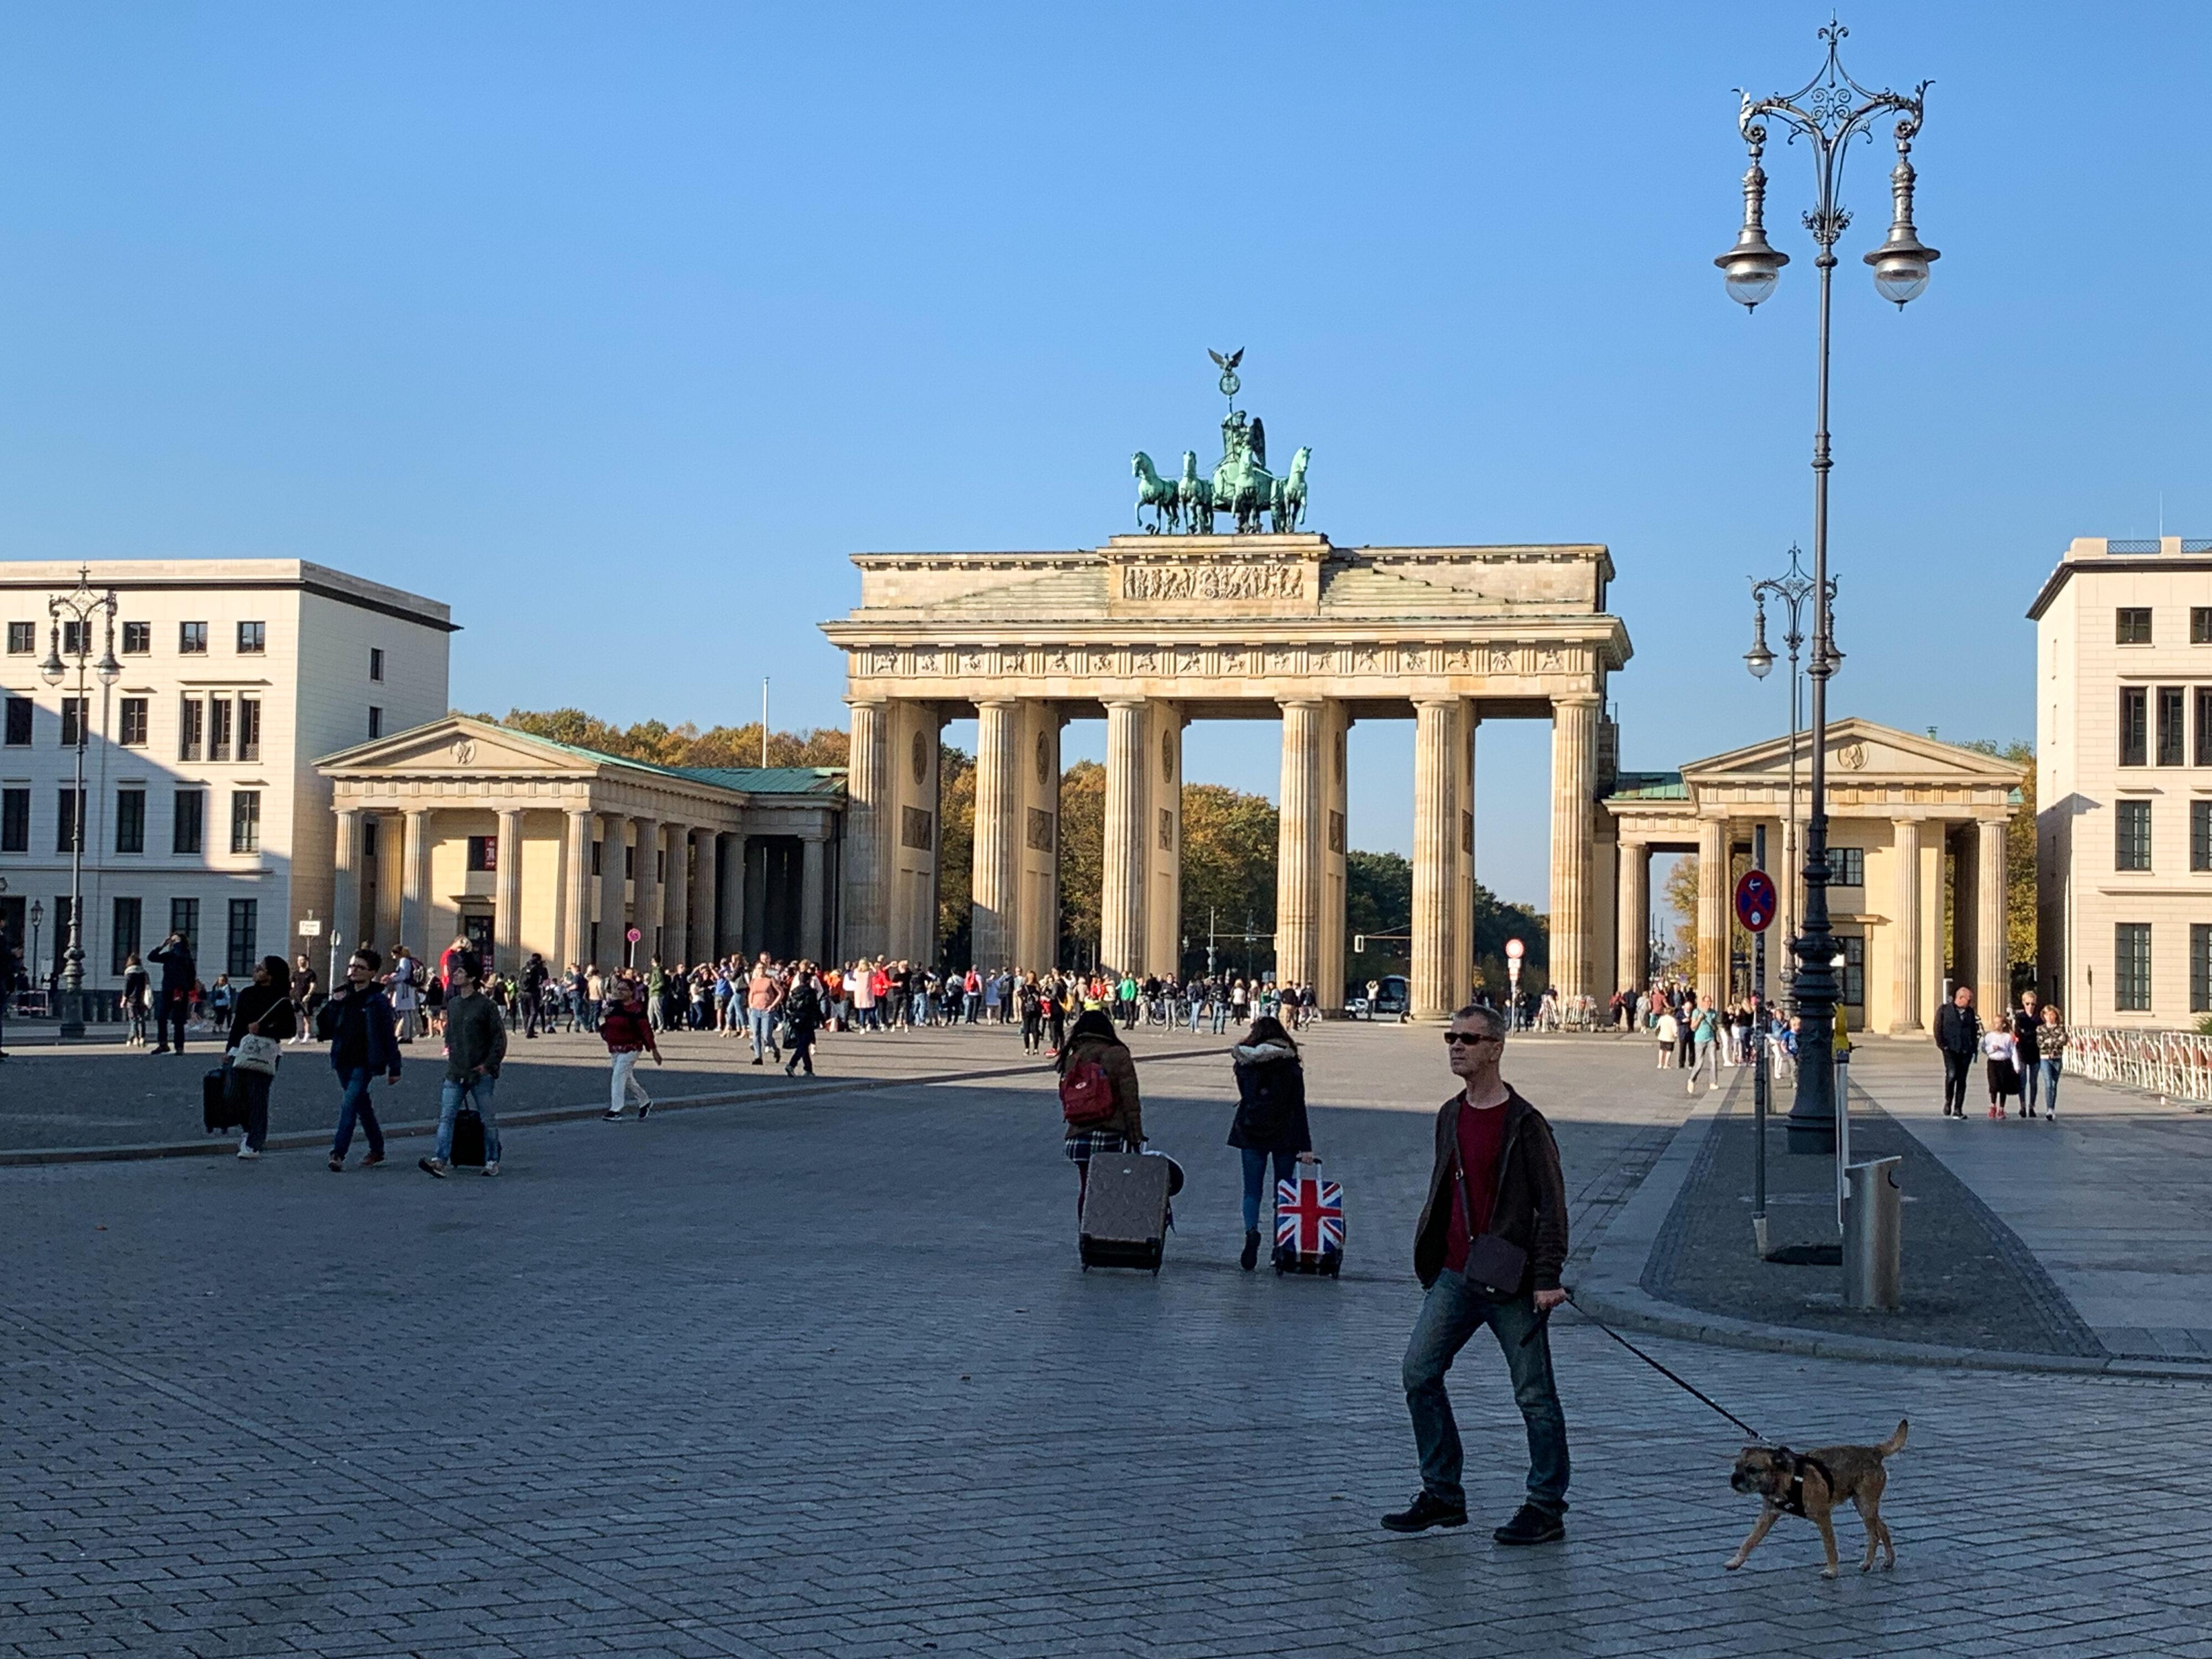 Holocaustdenkmal beim Brandenburger Tor